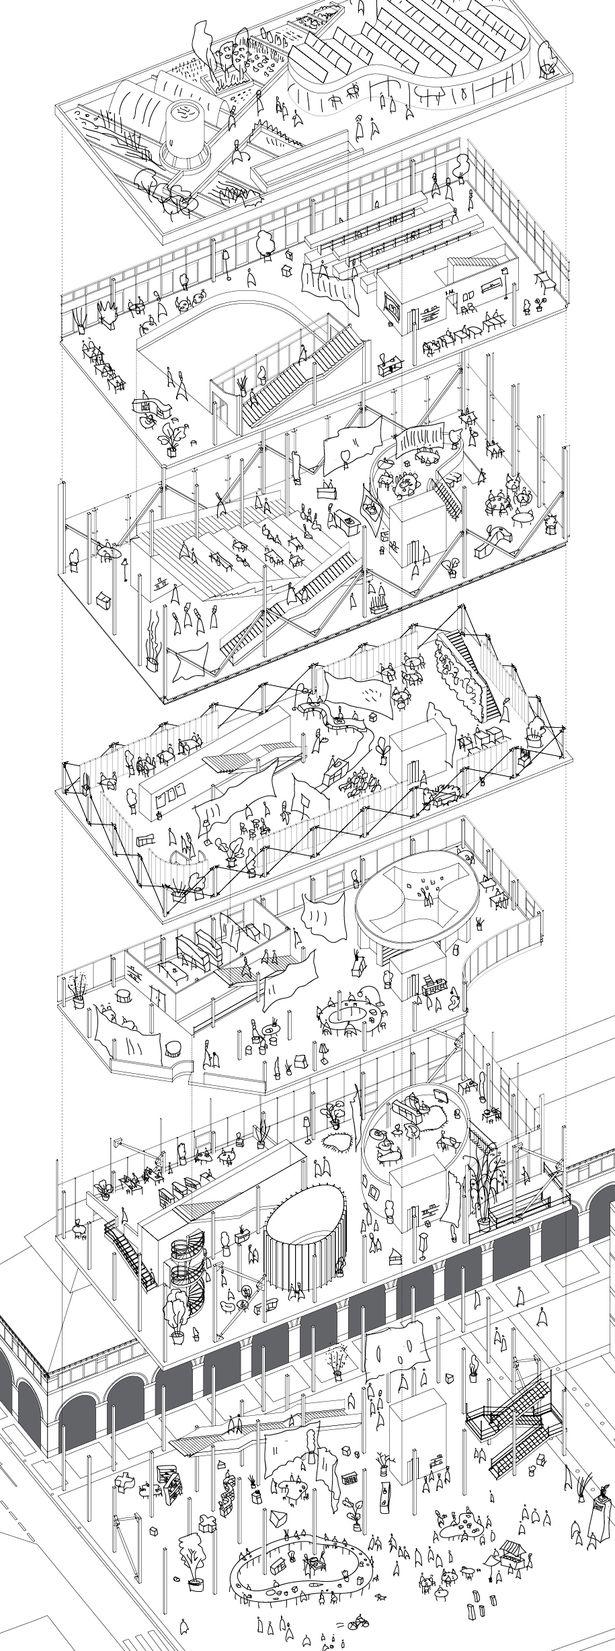 Hình chiếu trục đo tách lớp không gian spatial axonometric layout paris market lab